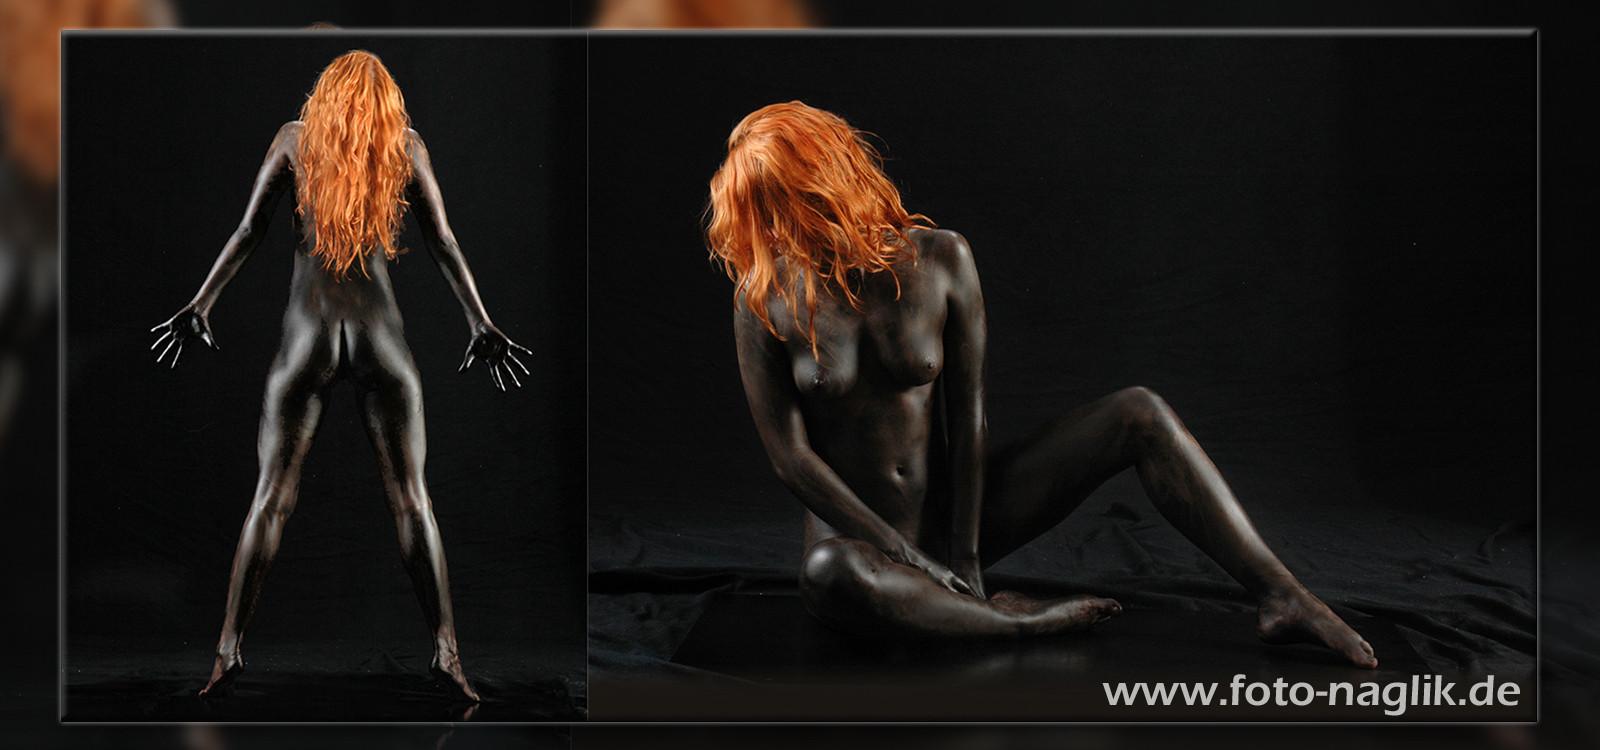 Naglik-Foto-Erding-Akt-S885